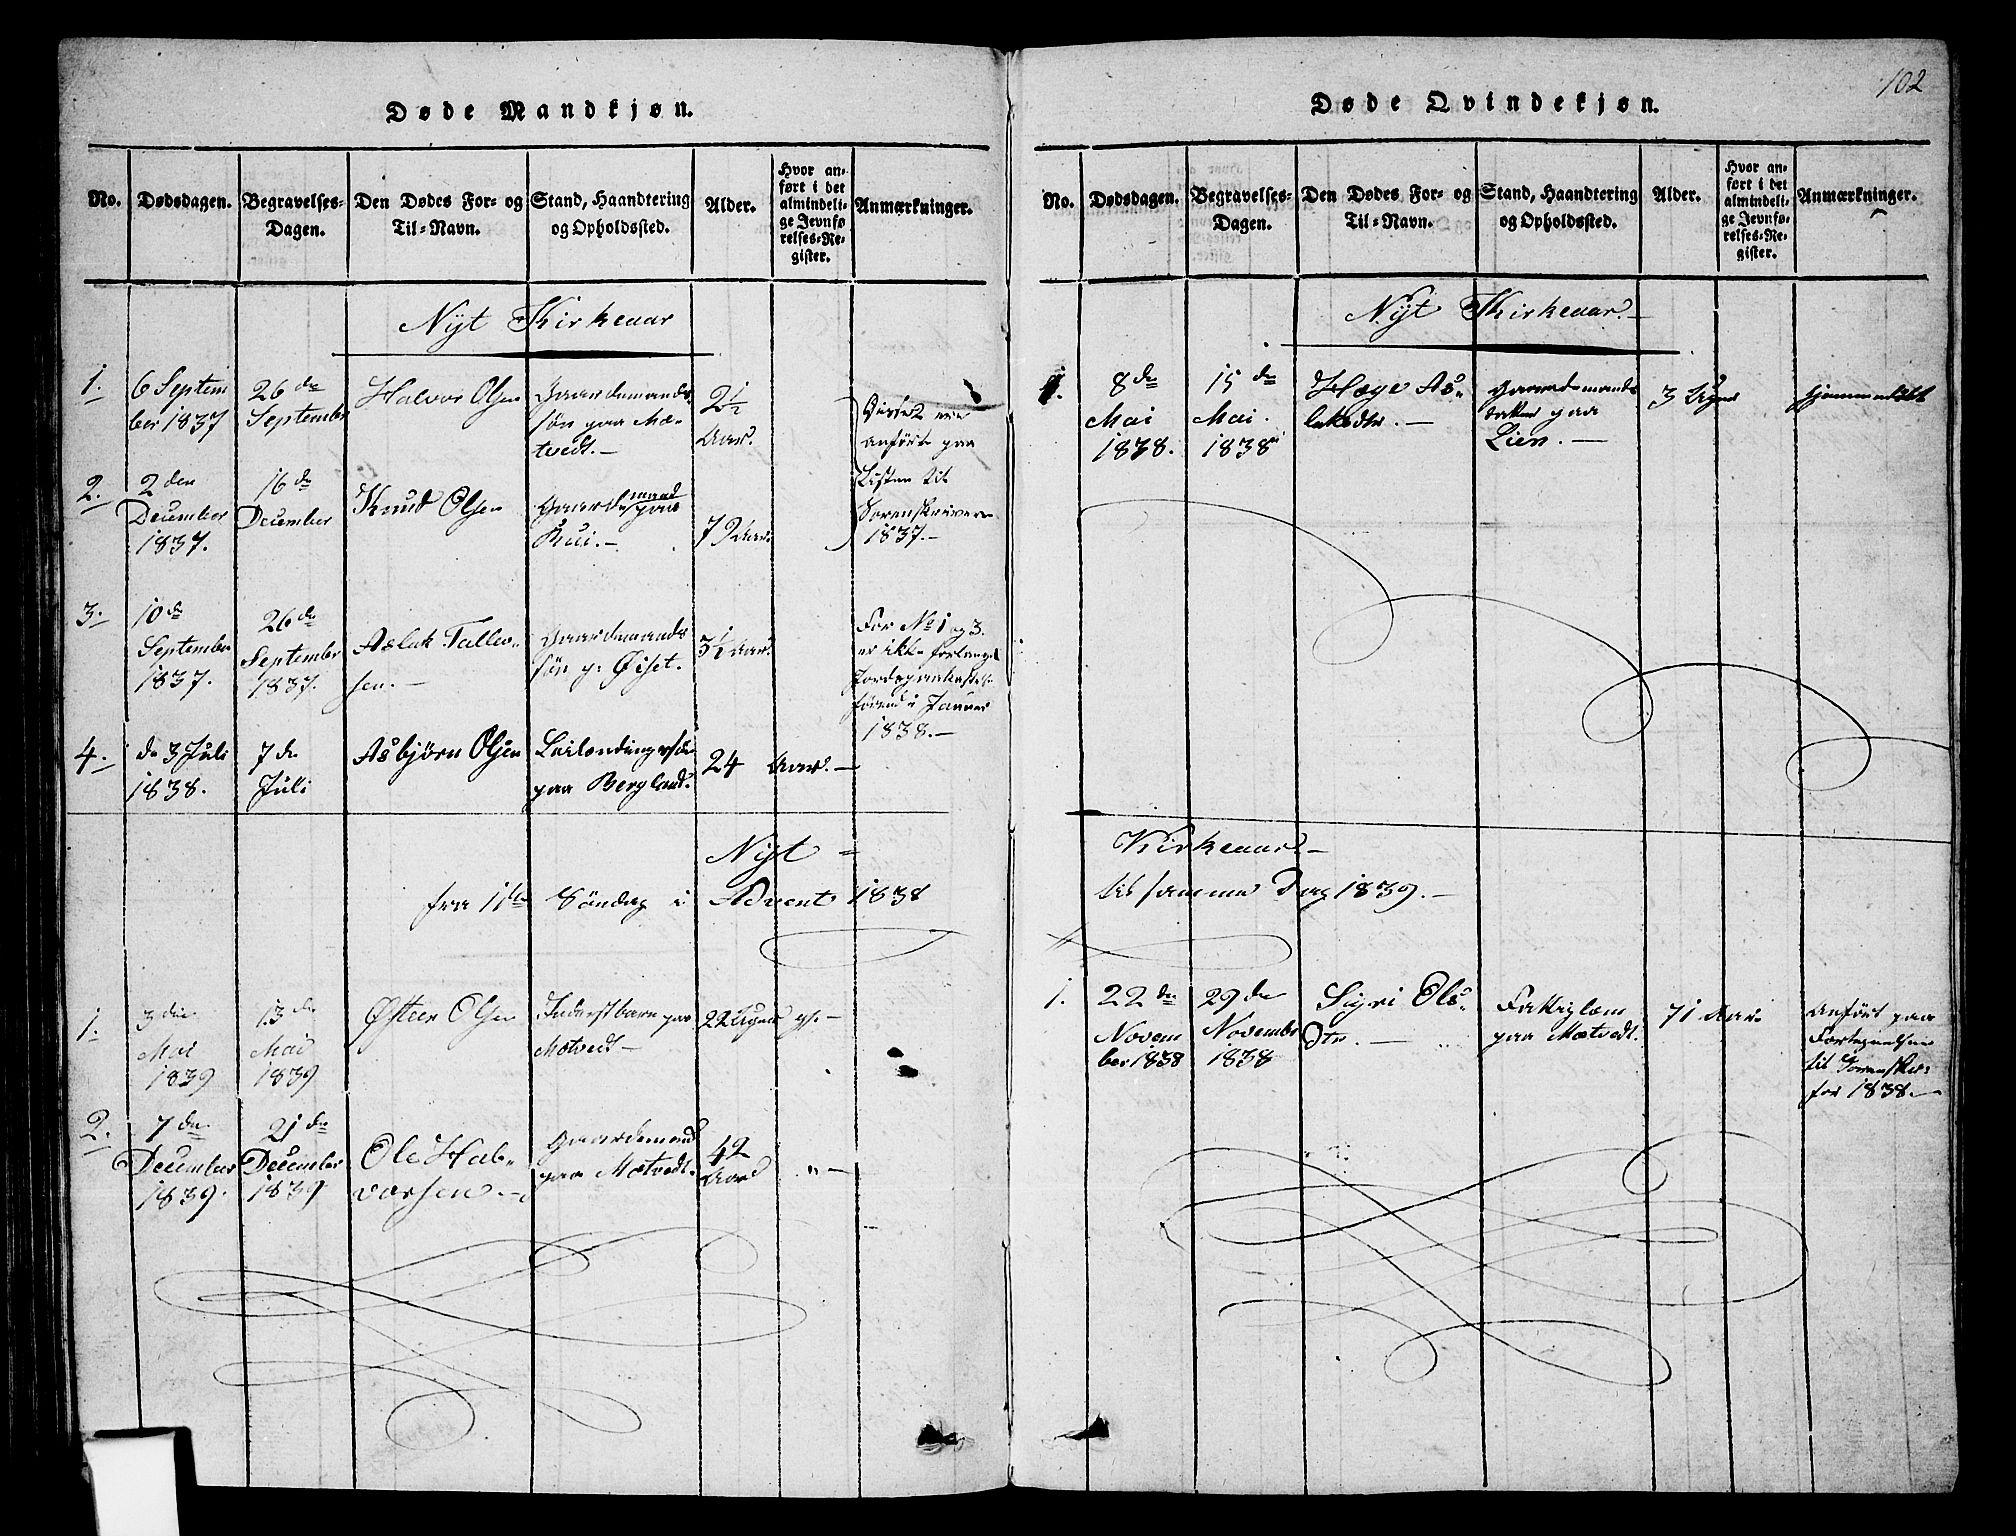 SAKO, Fyresdal kirkebøker, G/Ga/L0002: Klokkerbok nr. I 2, 1815-1857, s. 102